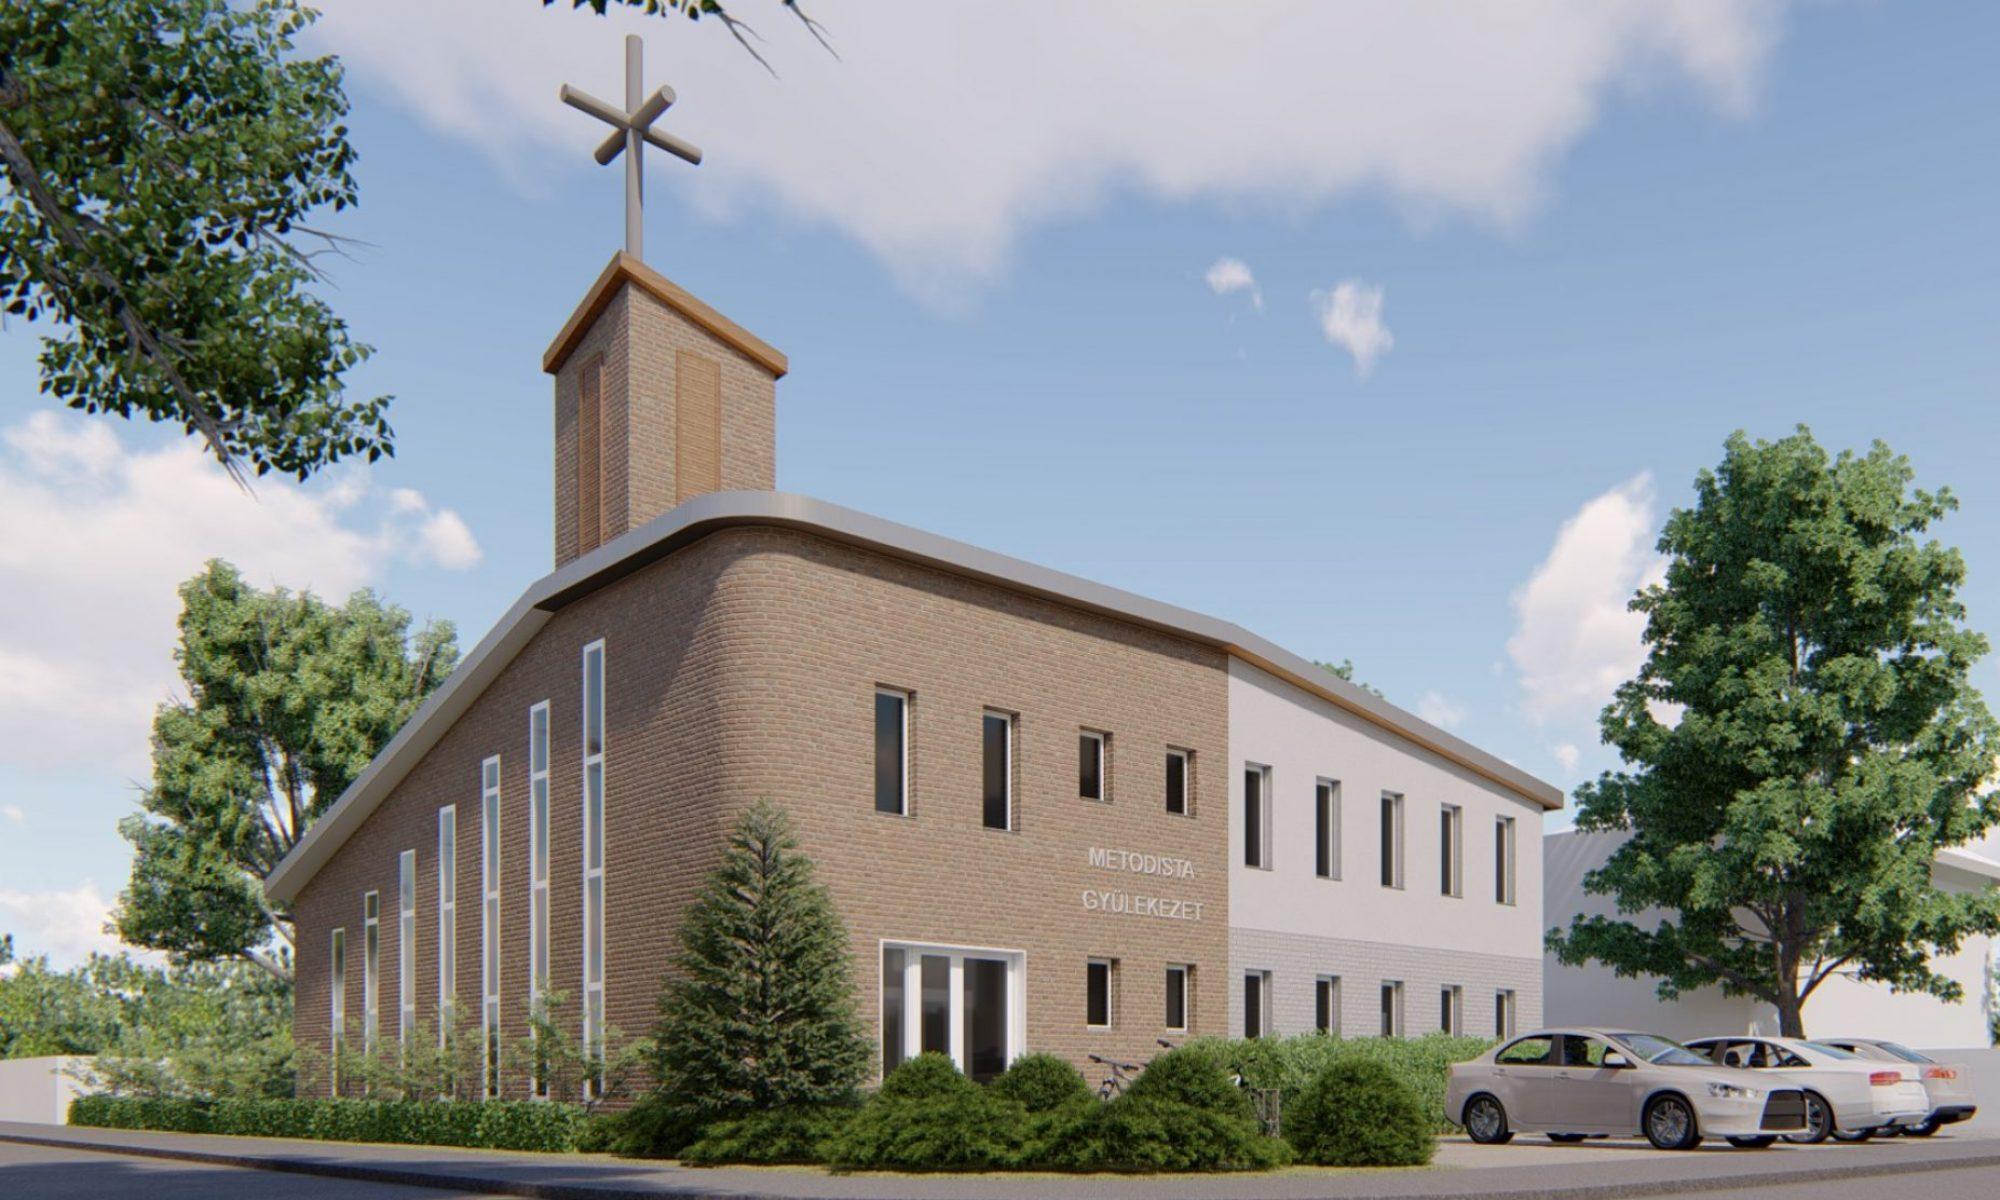 Magyarországi Metodista Egyház